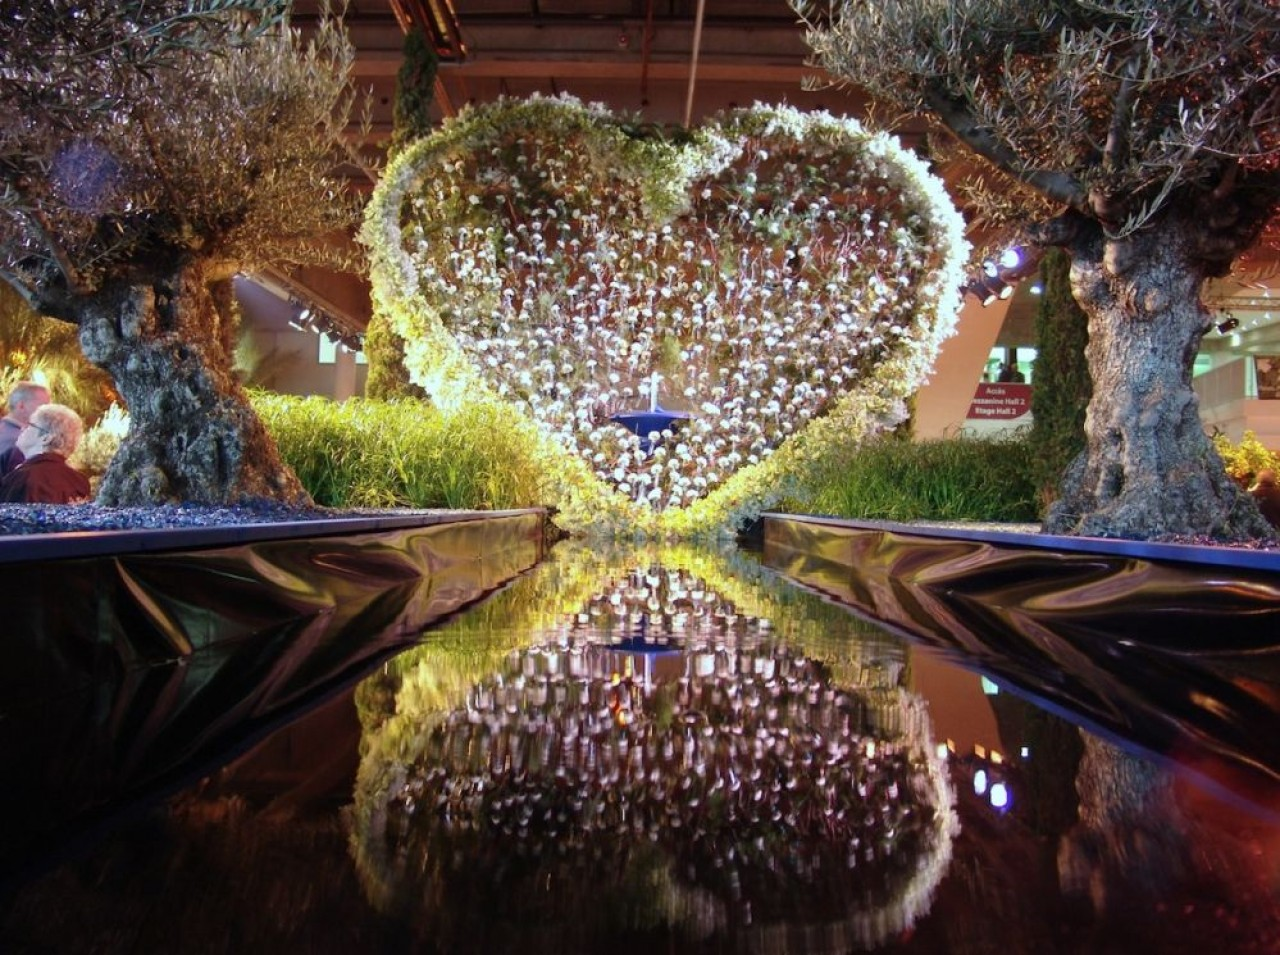 L'une des créations du salon floral Florissimo, organisé tous les cinq ans et jugé parmi les plus créatifs au monde. © Dijon Congrexpo